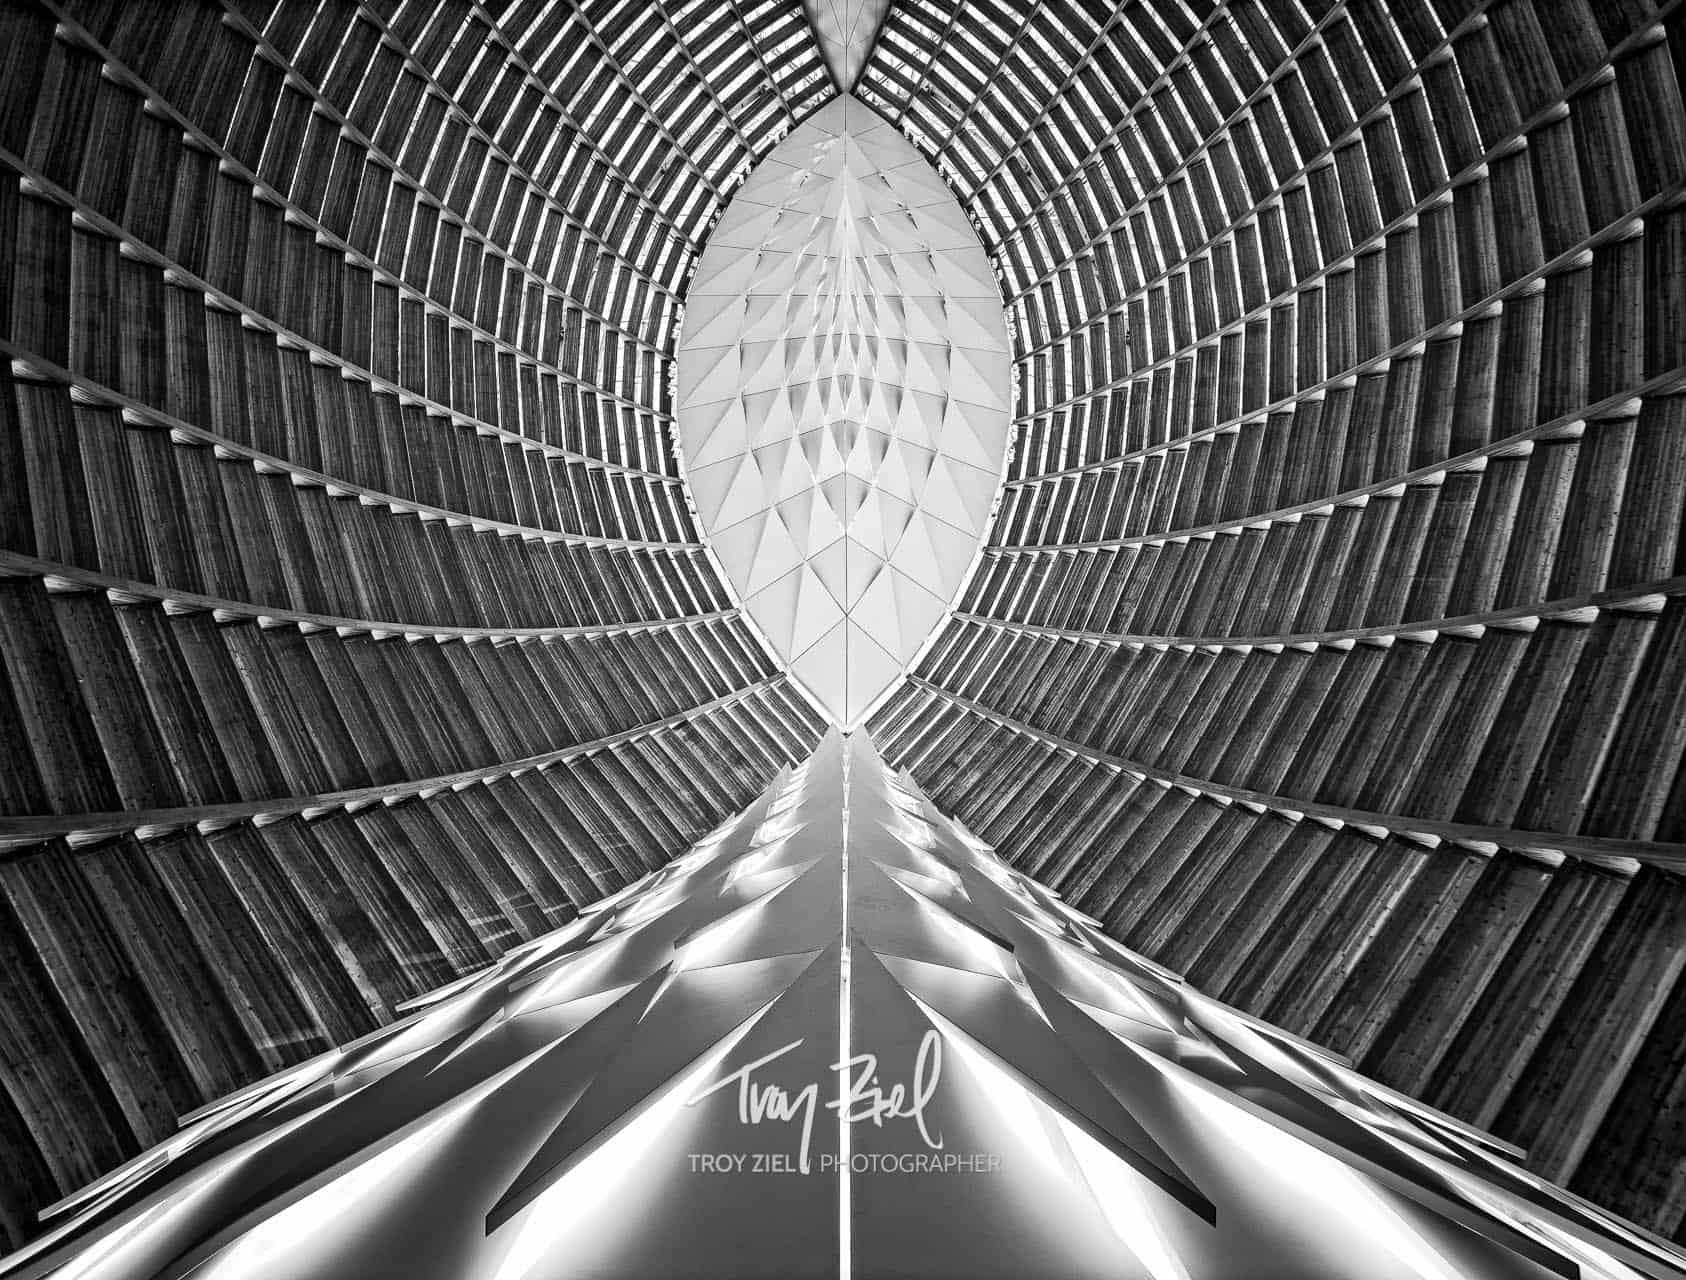 Genesis by Troy Ziel